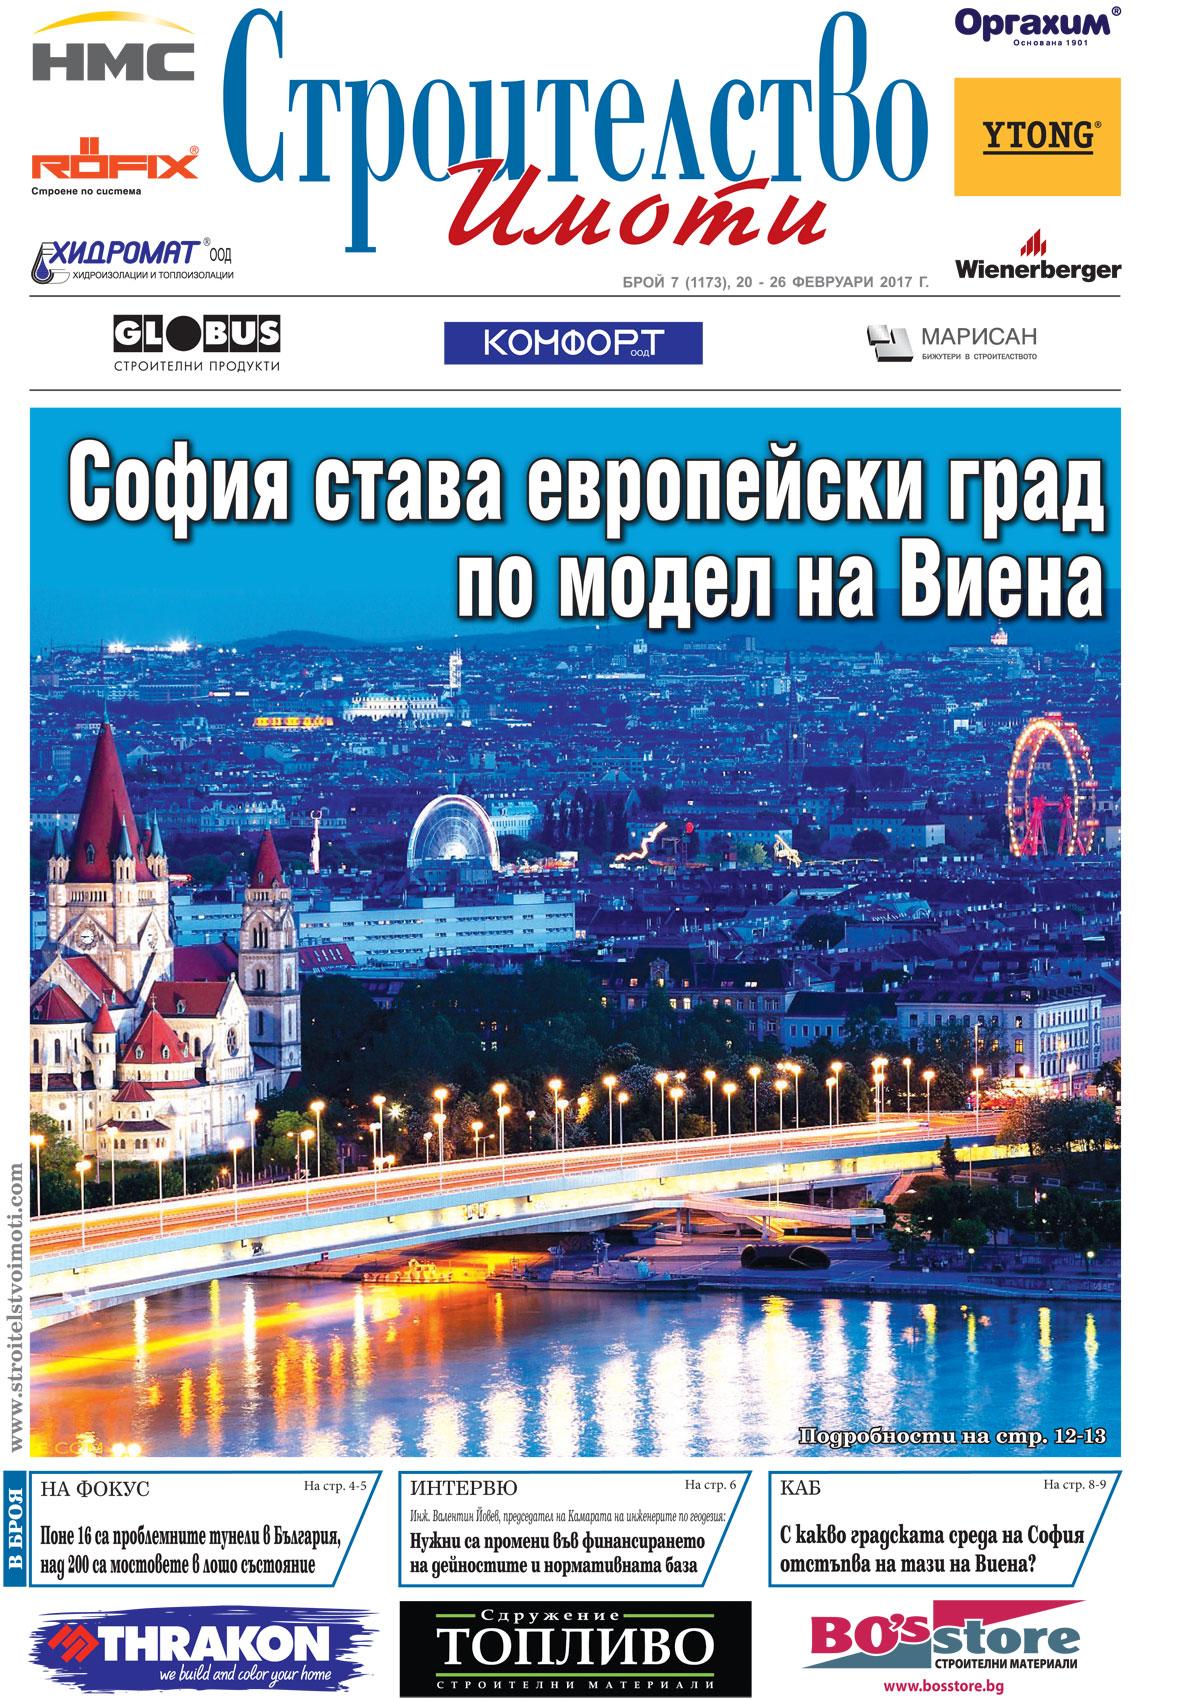 20022017_StroitelstvoImoti_001